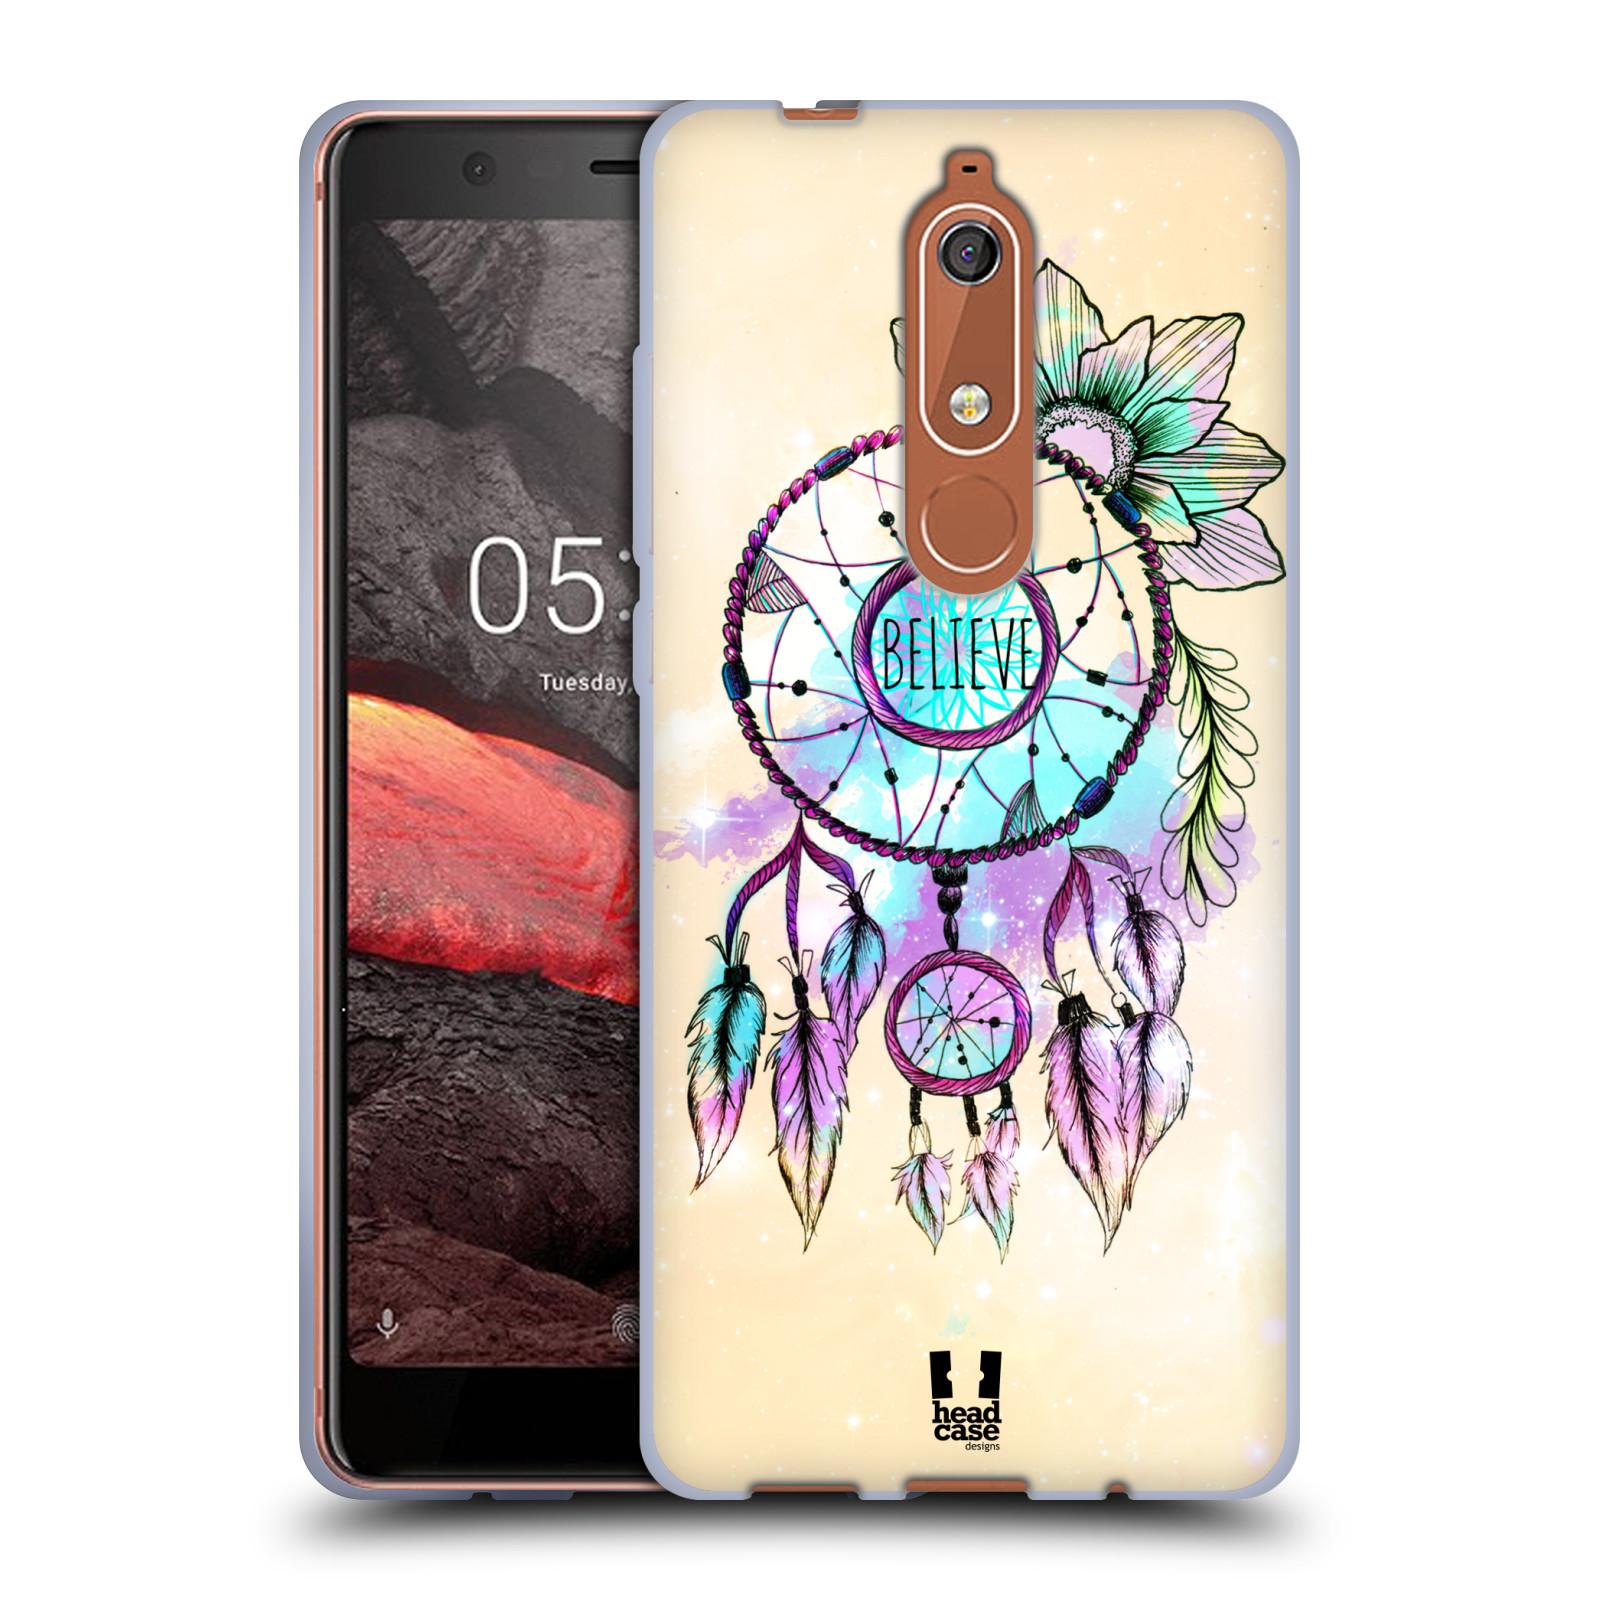 Silikonové pouzdro na mobil Nokia 5.1 - Head Case - MIX BELIEVE